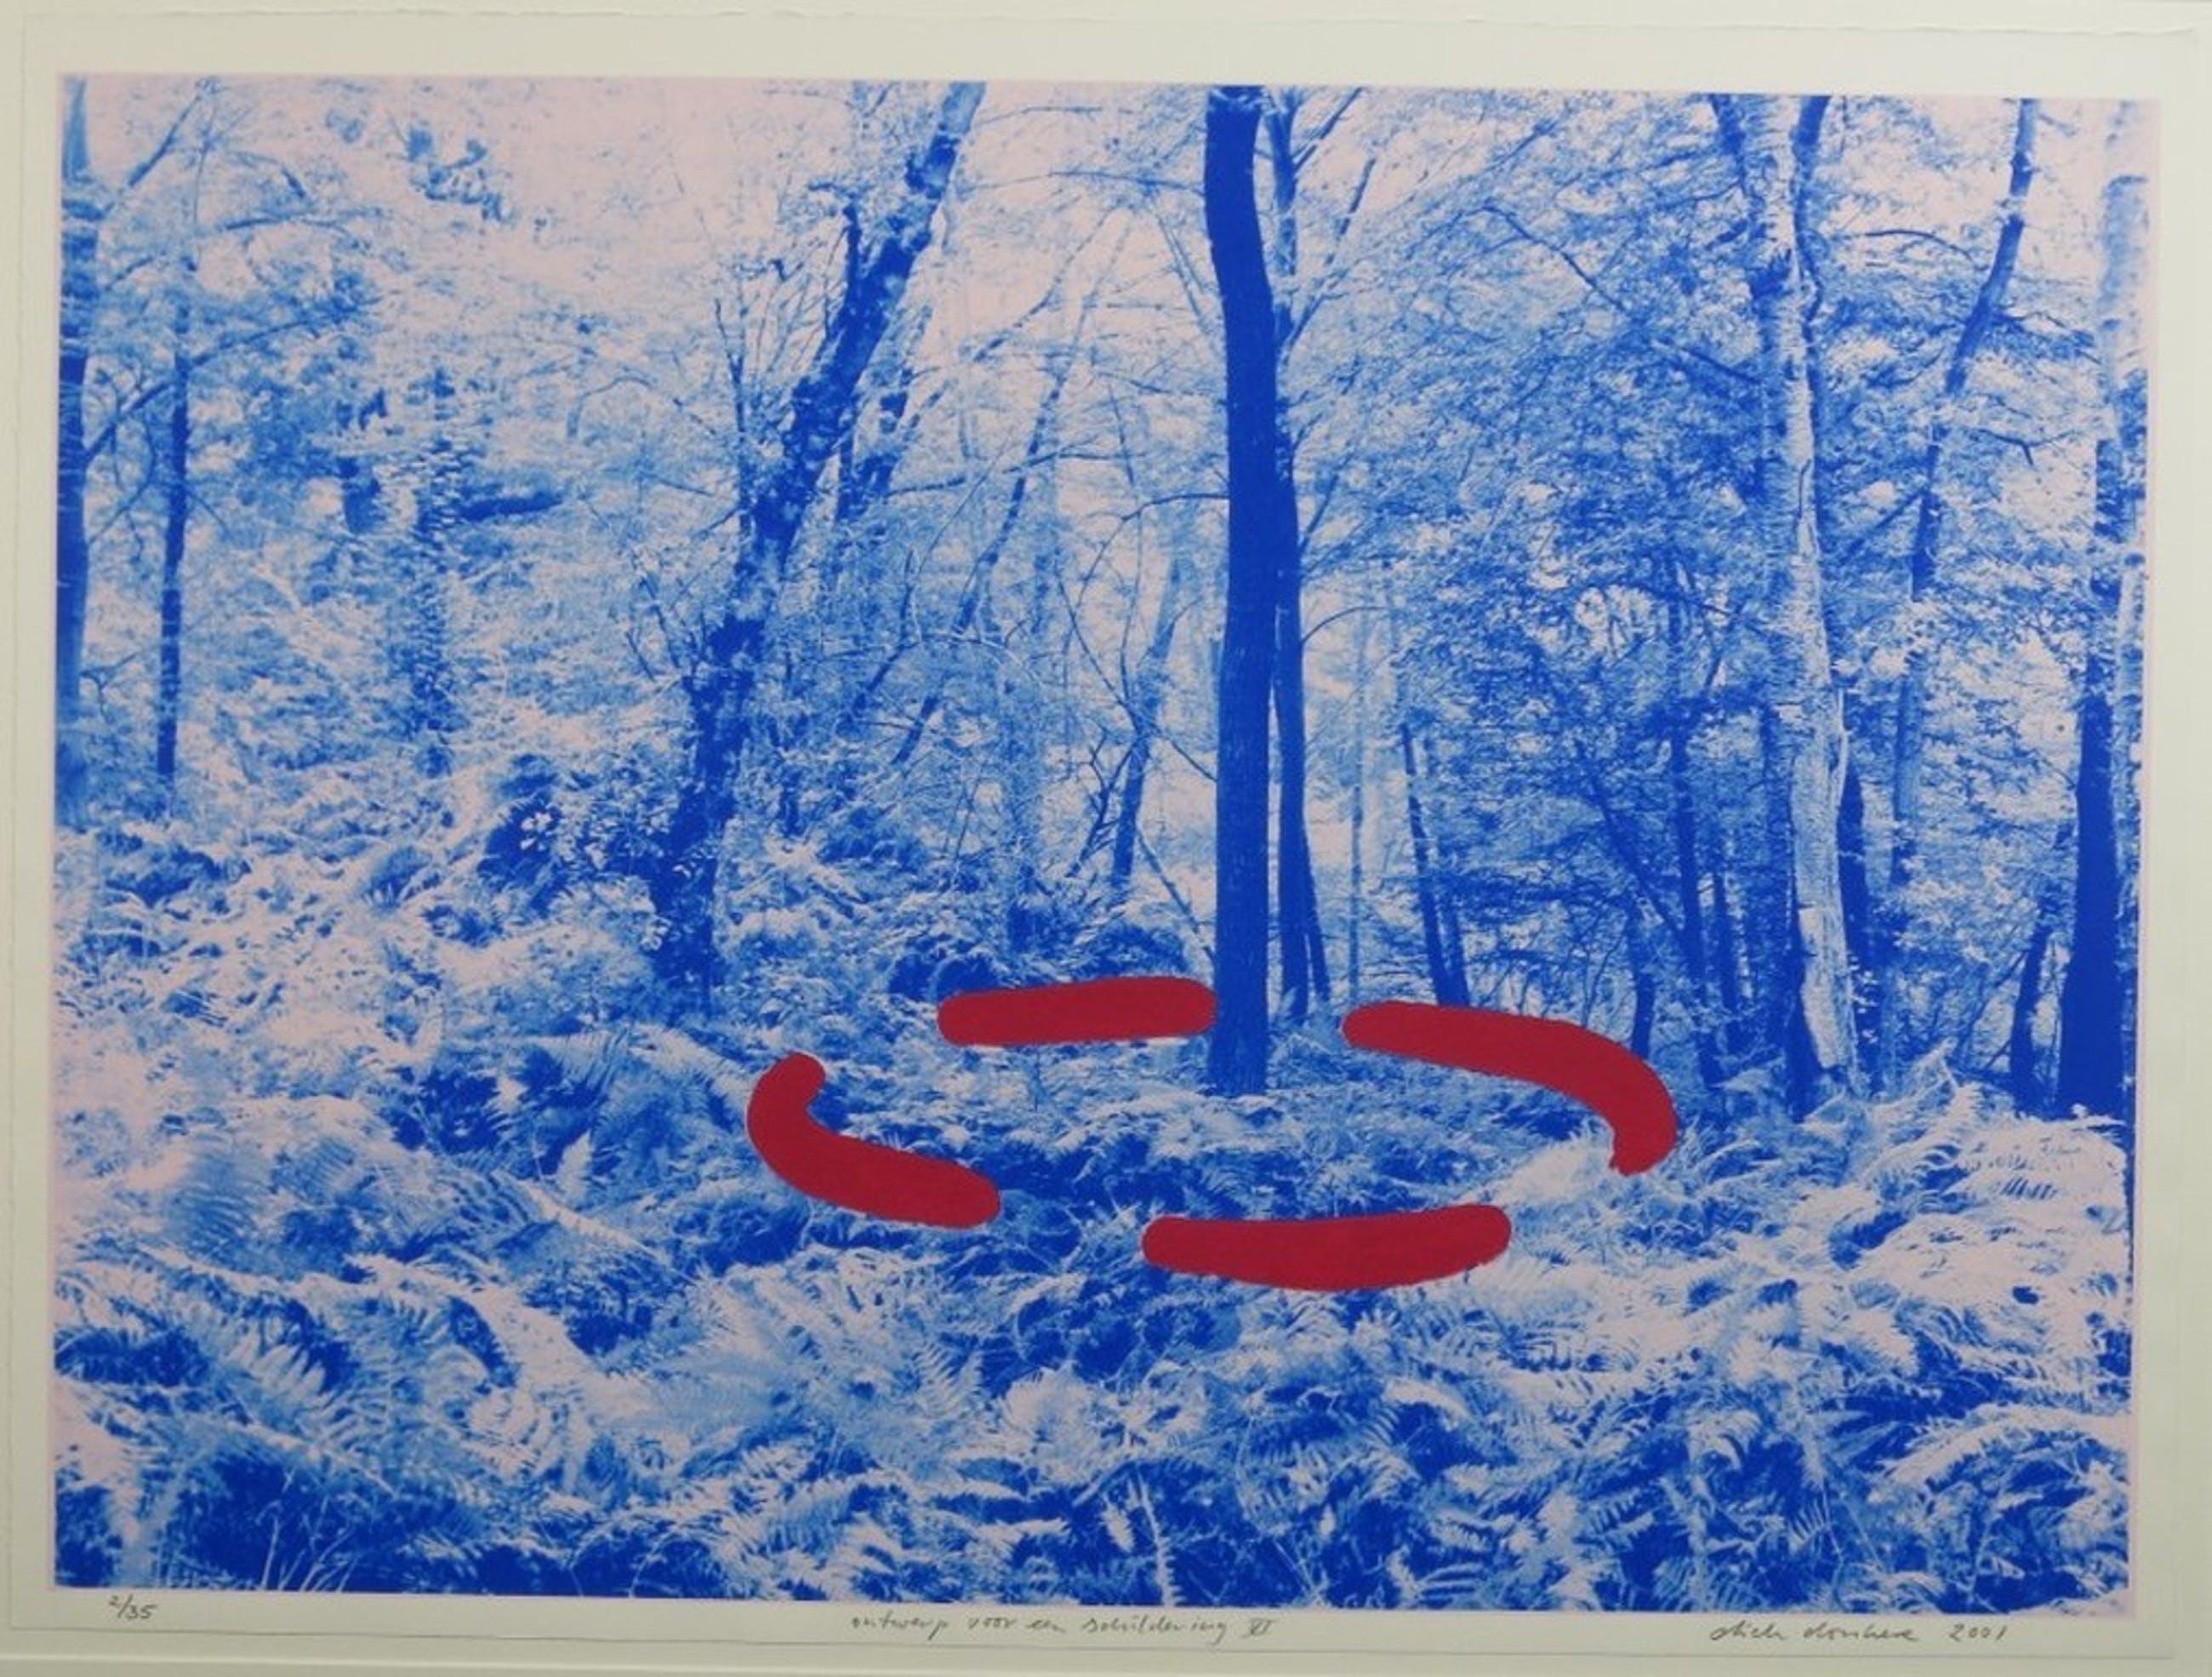 Dick Donker: Zeefdruk, Ontwerp voor een schildering VI - Ingelijst kopen? Bied vanaf 1!